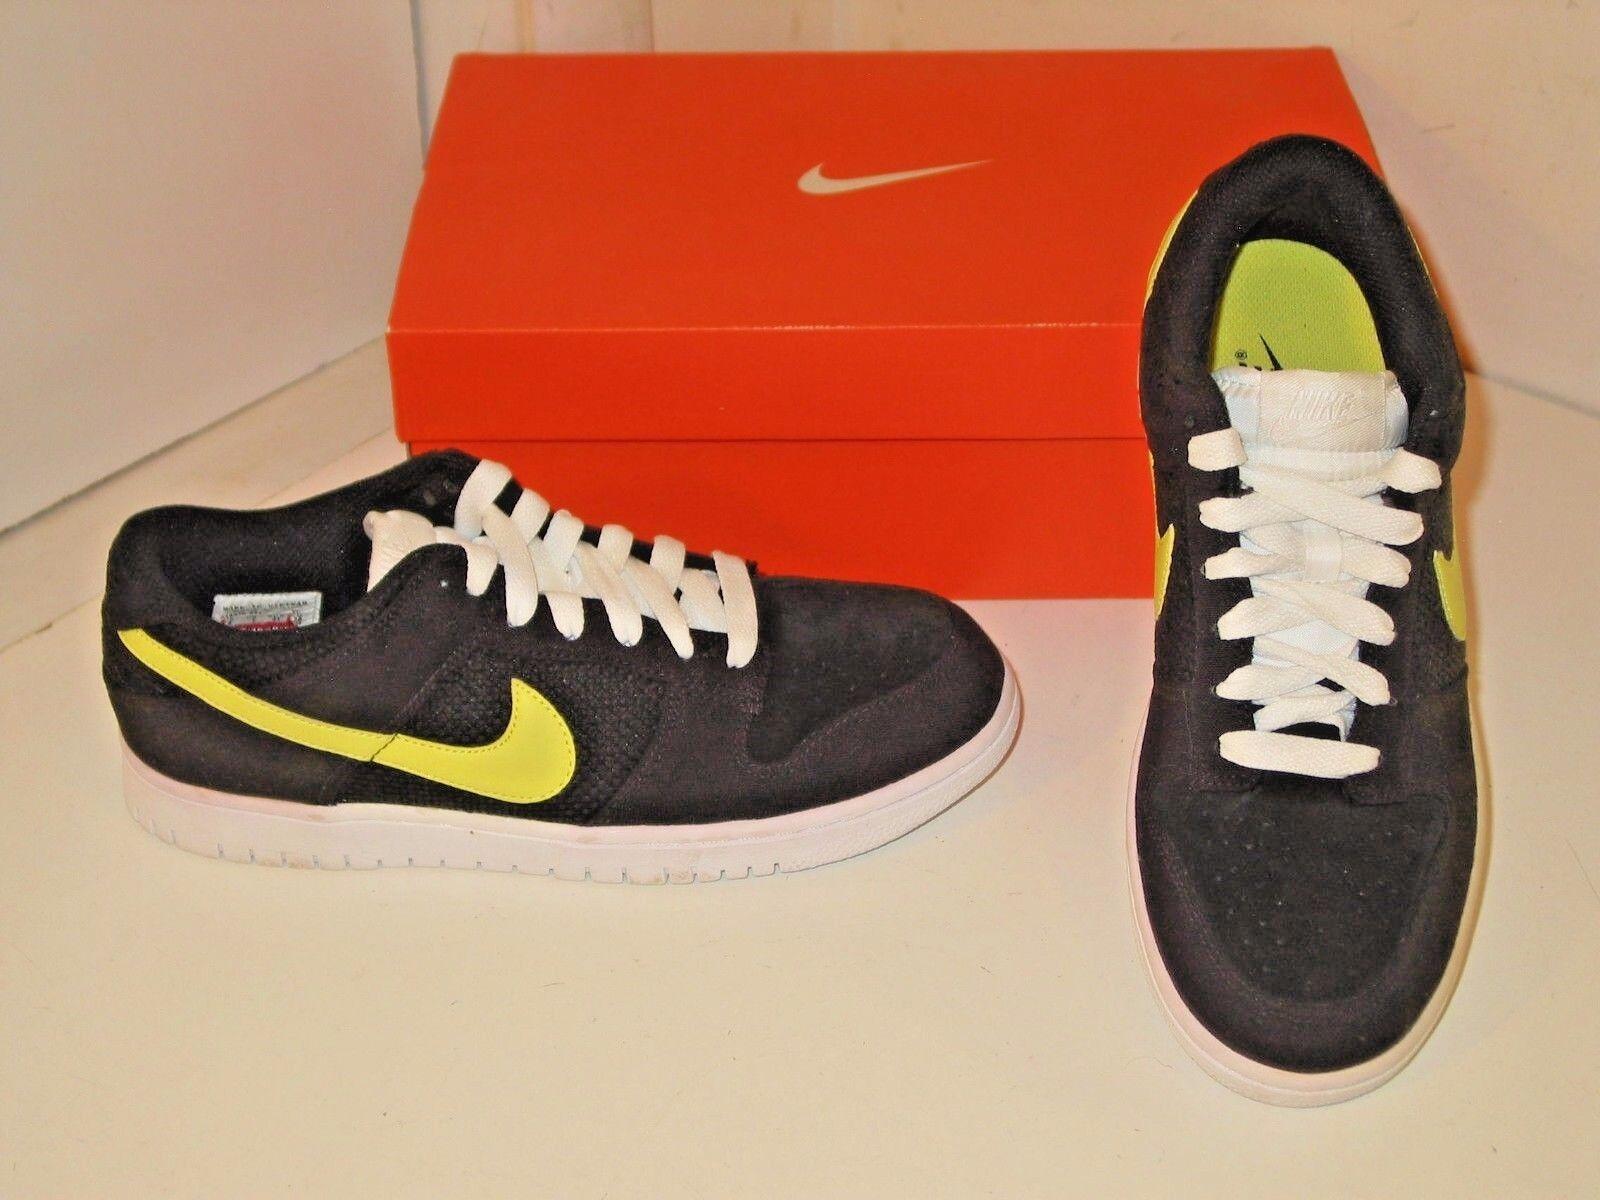 Nike e basso cl & nero giallo   verde basket atletico scarpe scarpe mens 8 | Ottima classificazione  | Uomini/Donna Scarpa